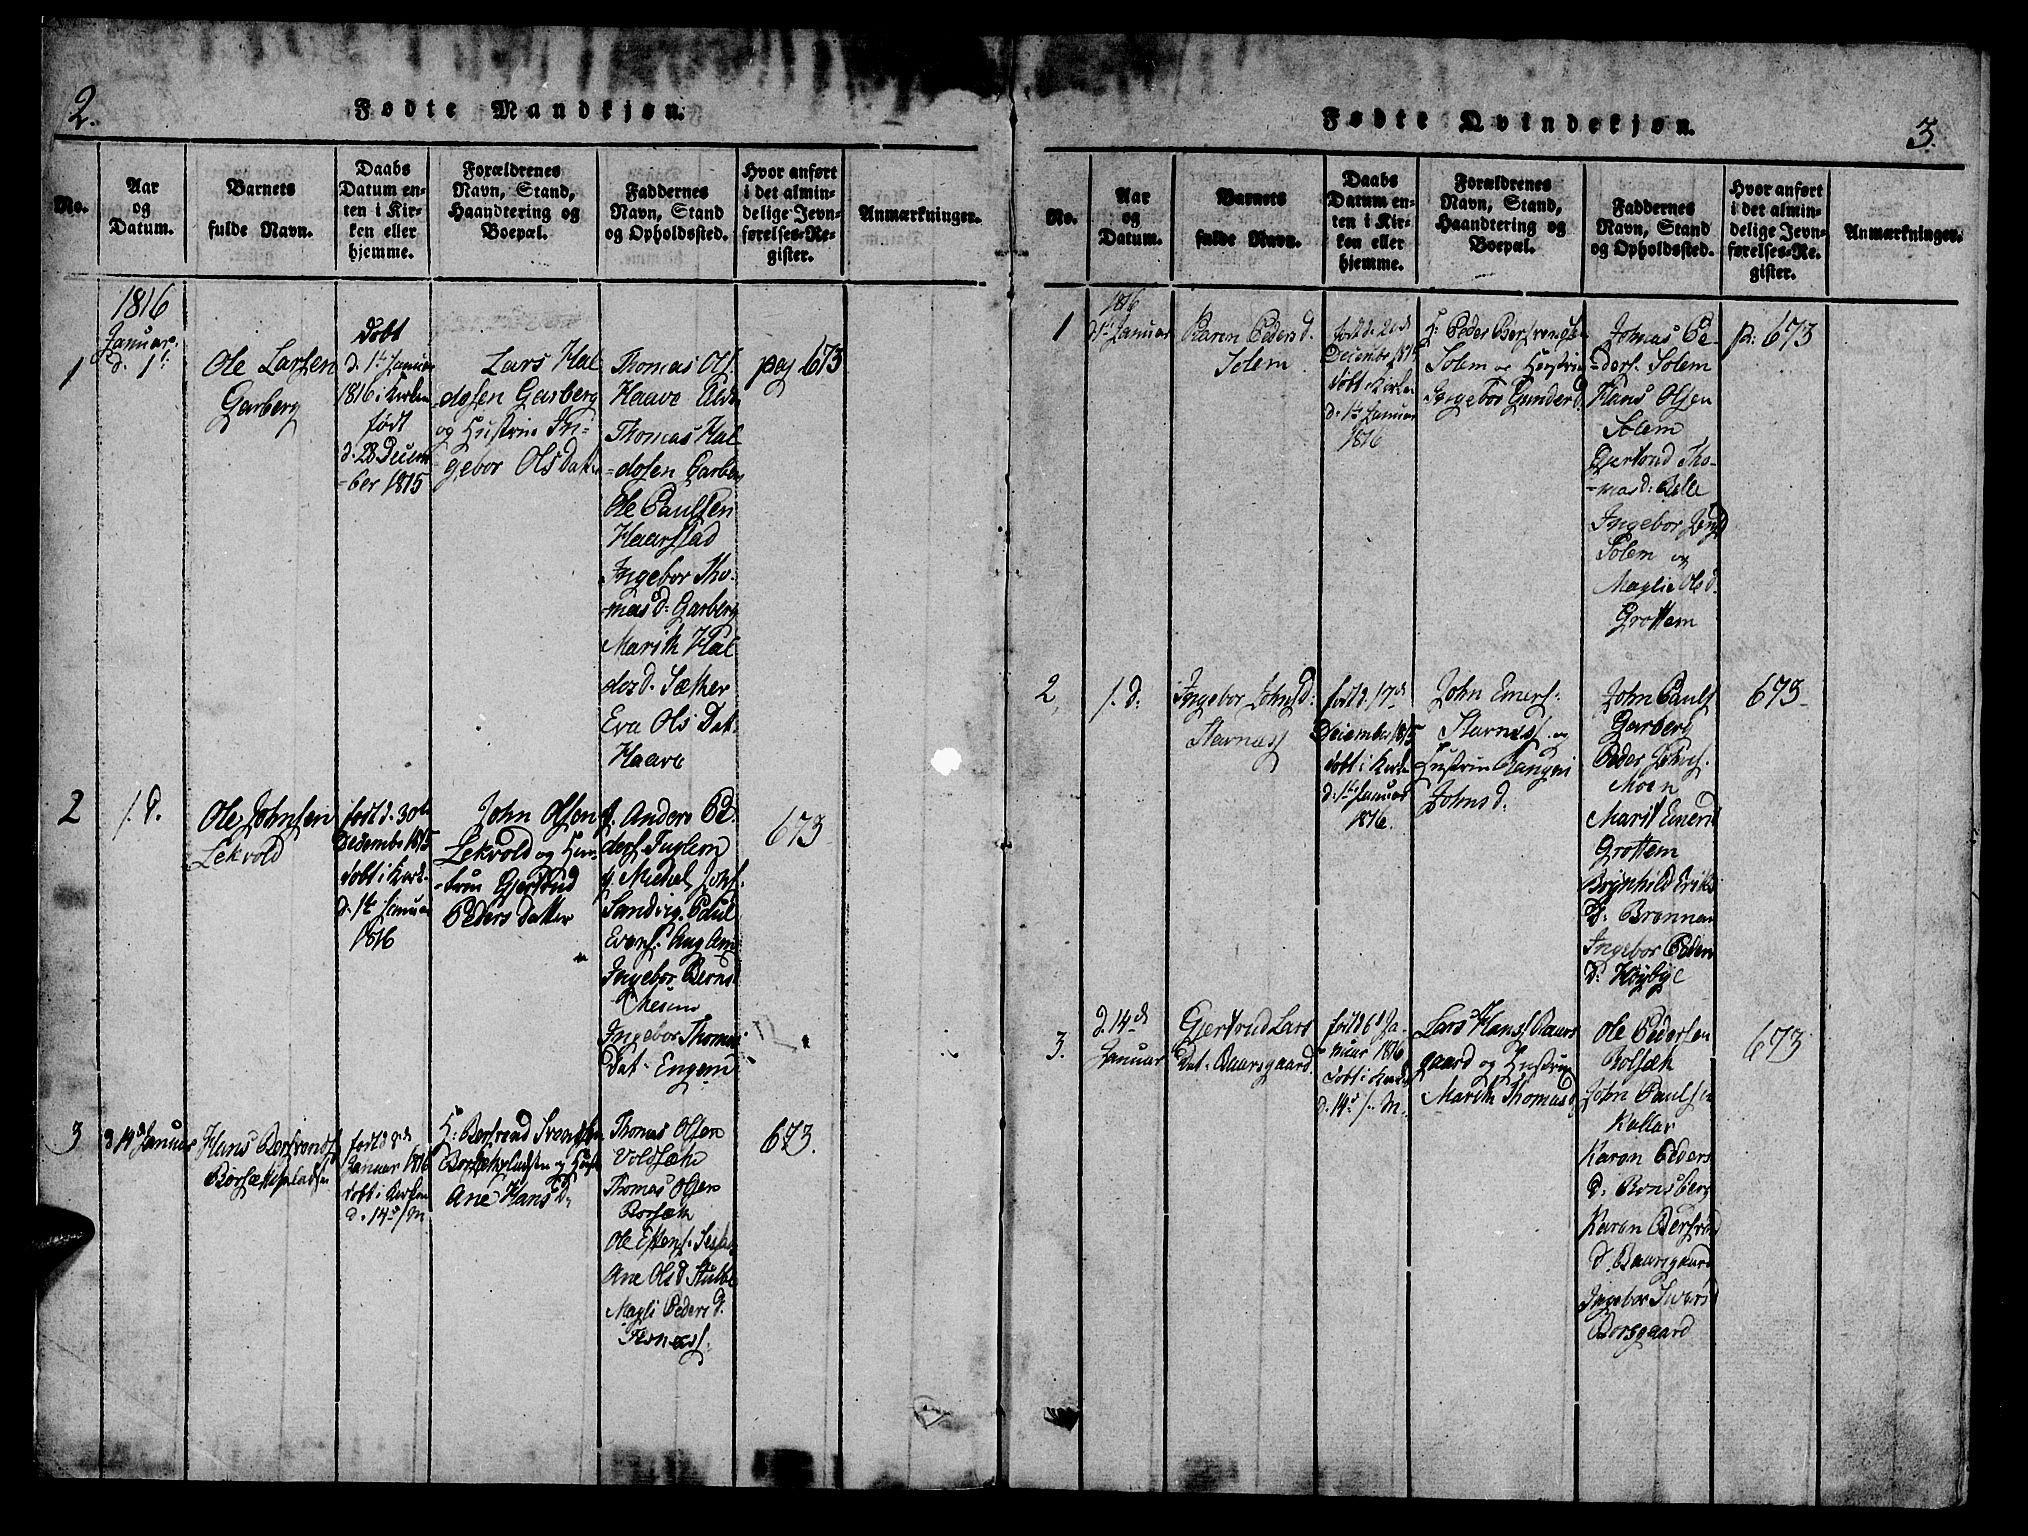 SAT, Ministerialprotokoller, klokkerbøker og fødselsregistre - Sør-Trøndelag, 695/L1141: Ministerialbok nr. 695A04 /1, 1816-1824, s. 2-3